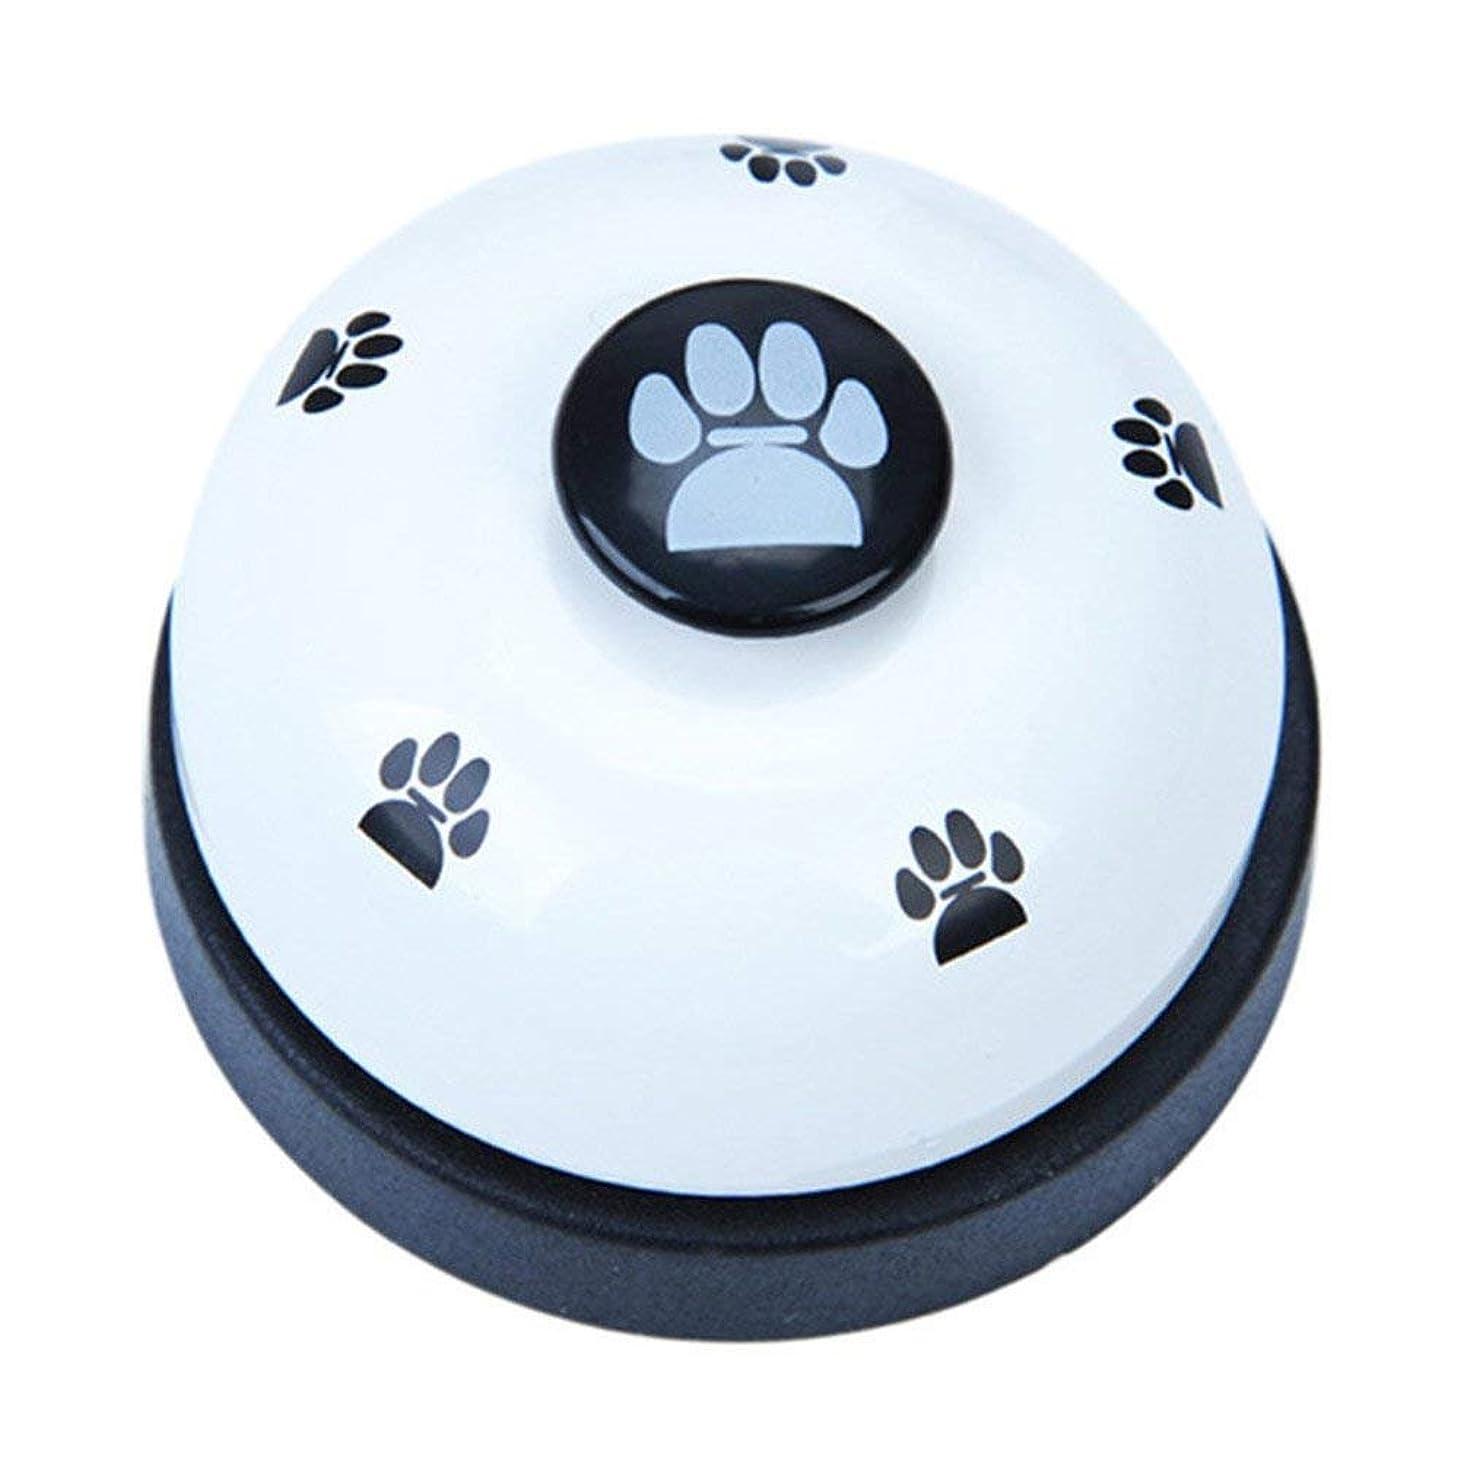 冷笑する抑圧依存Branger ペットのおもちゃ 犬&猫 ペットボウル 食器 タンブラー機能を備えたおもちゃは、犬と猫のIQと精神的刺激を増加させます ボウル摂食のベストチョイス